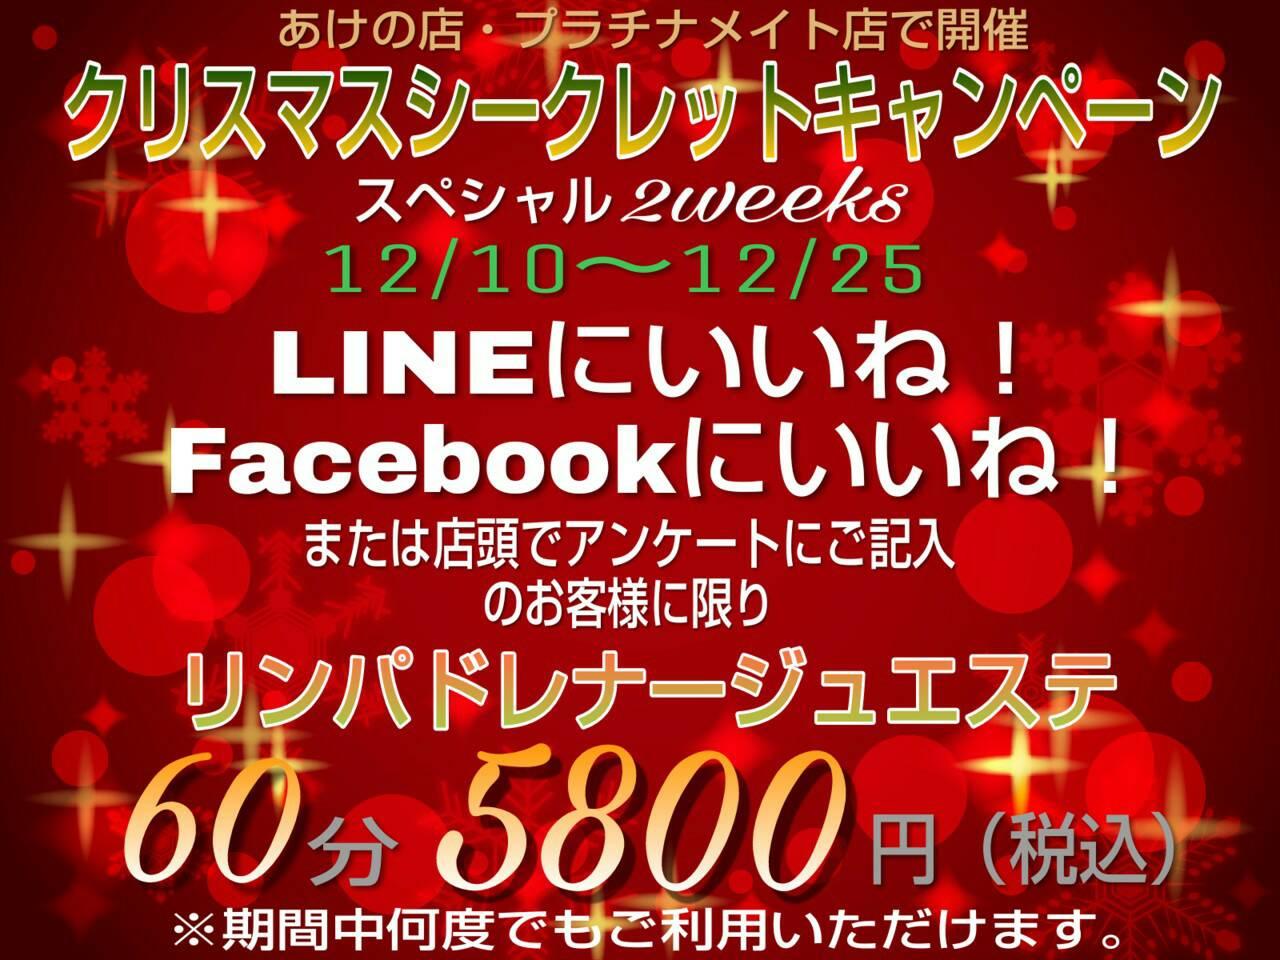 【ましゅまろ】12月キャンペーン情報3